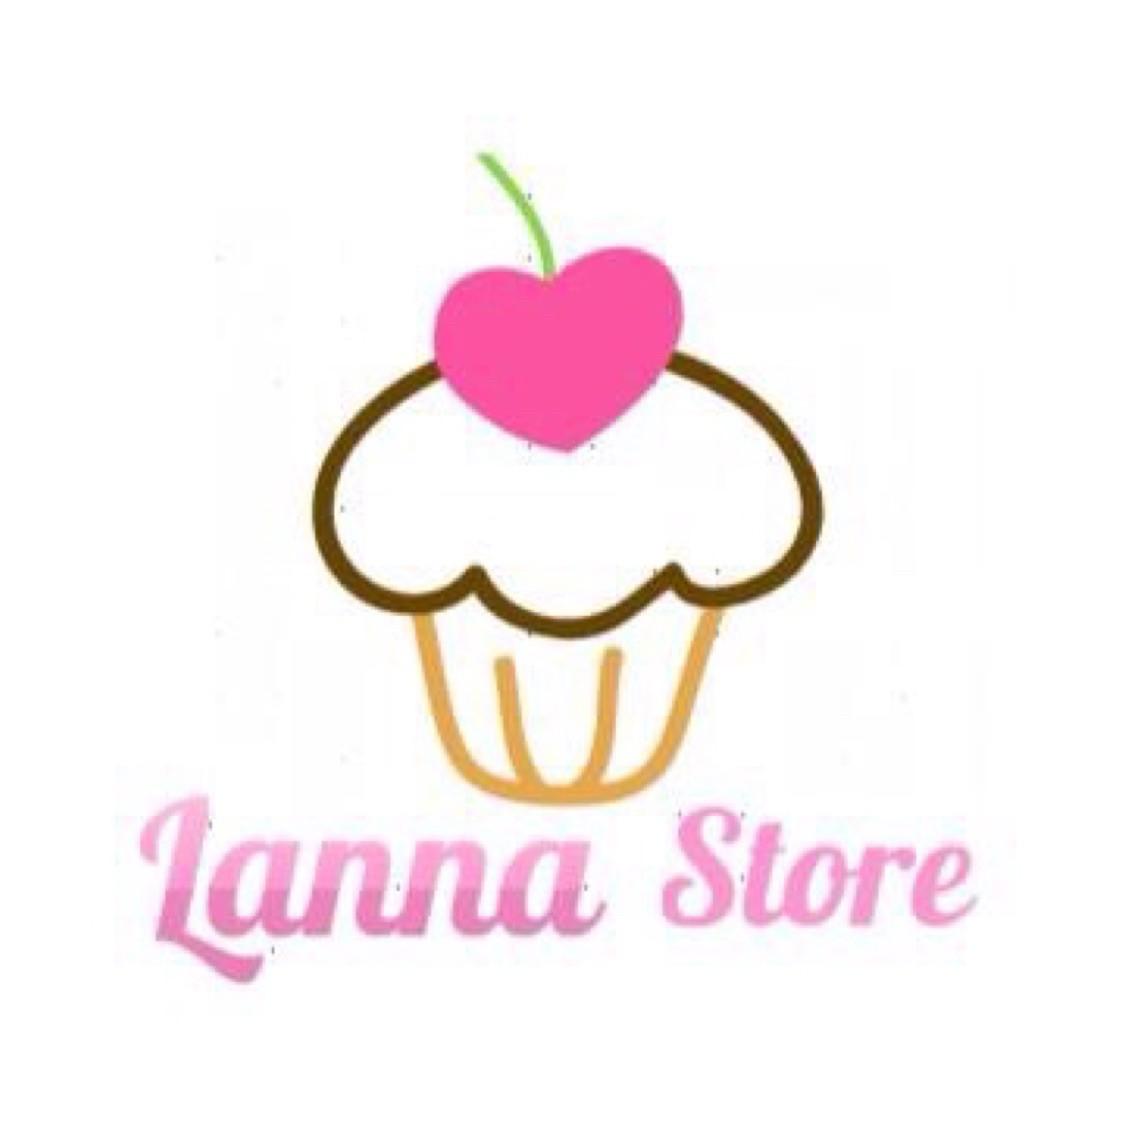 Lanna Store